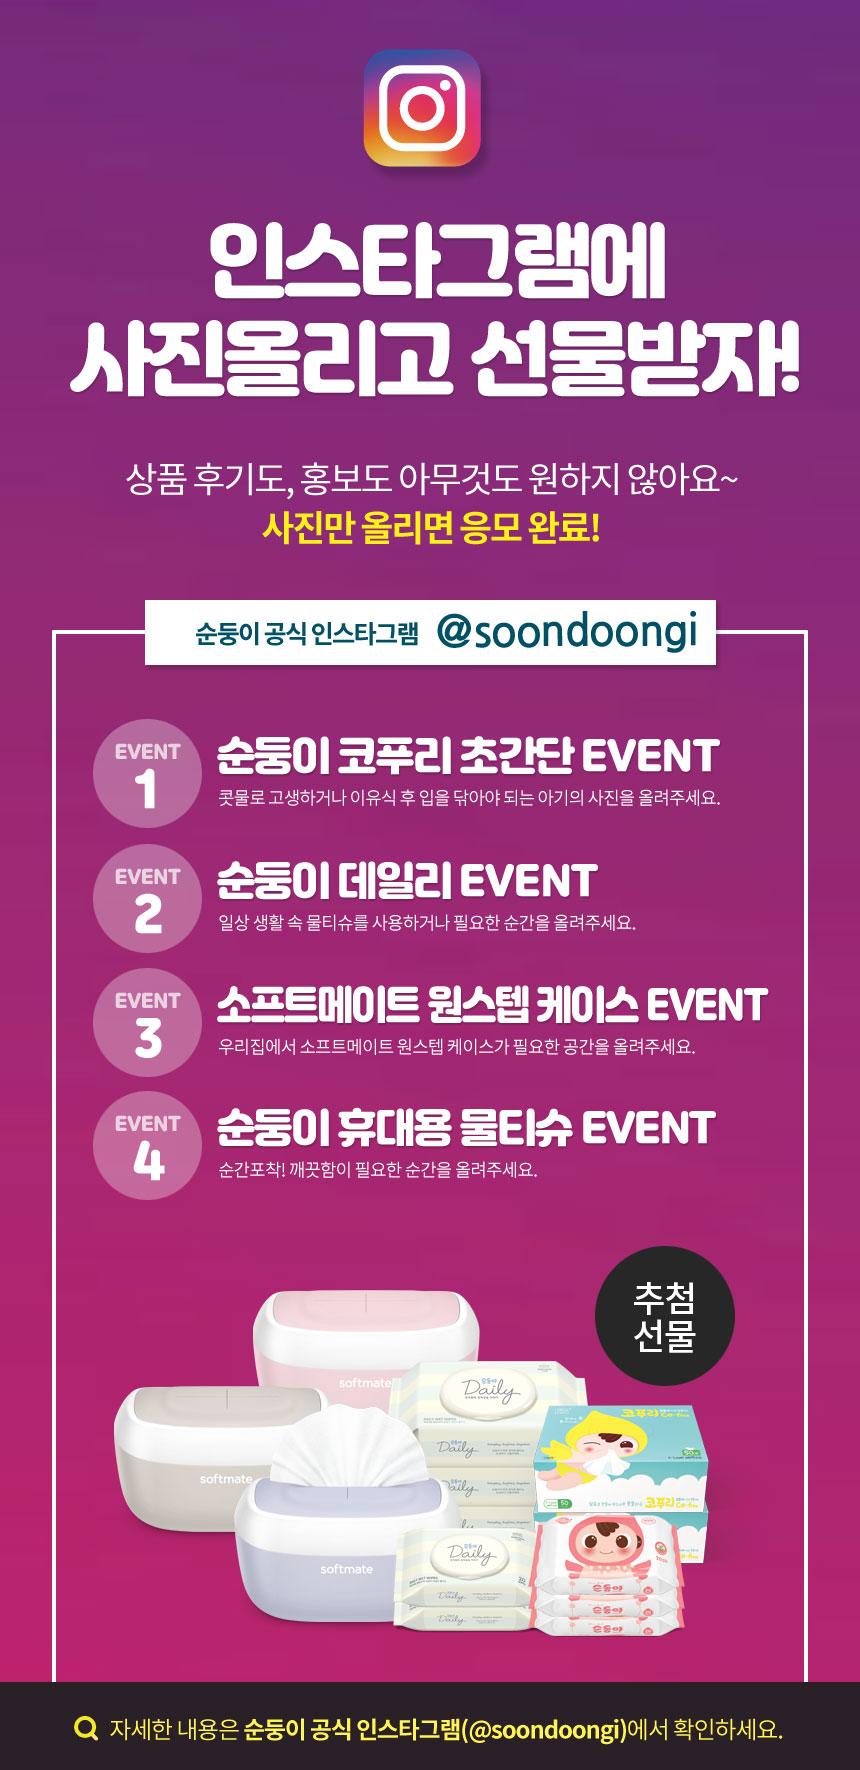 순둥이 공식 인스타그램 이벤트